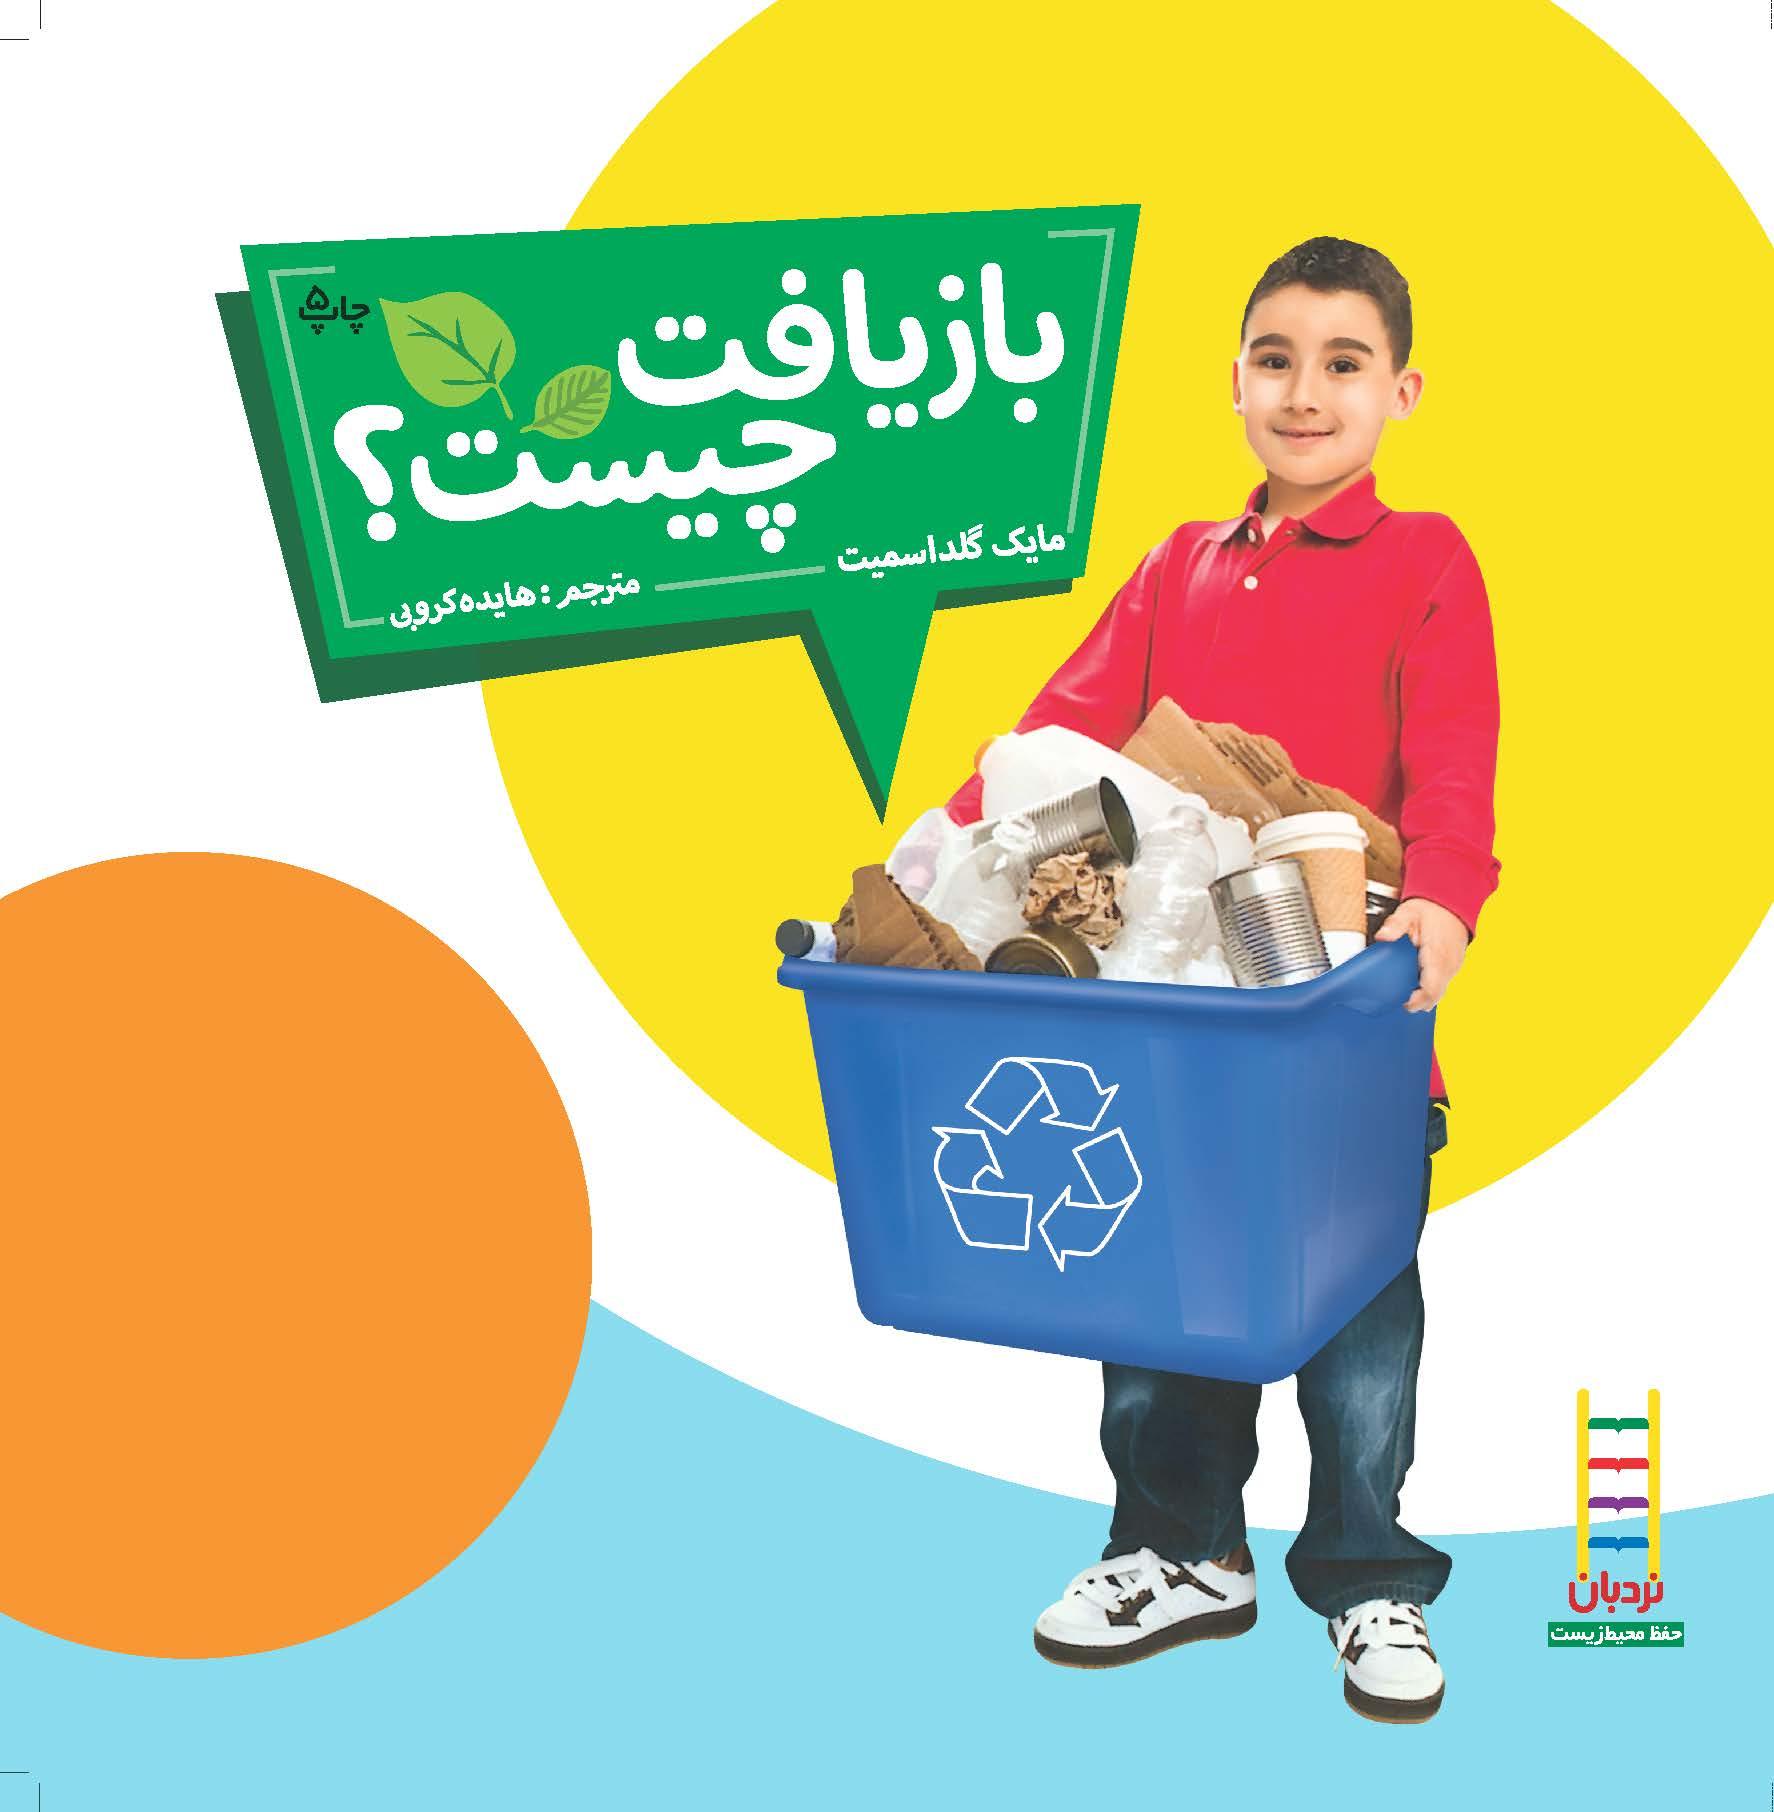 بازیافت چیست؟